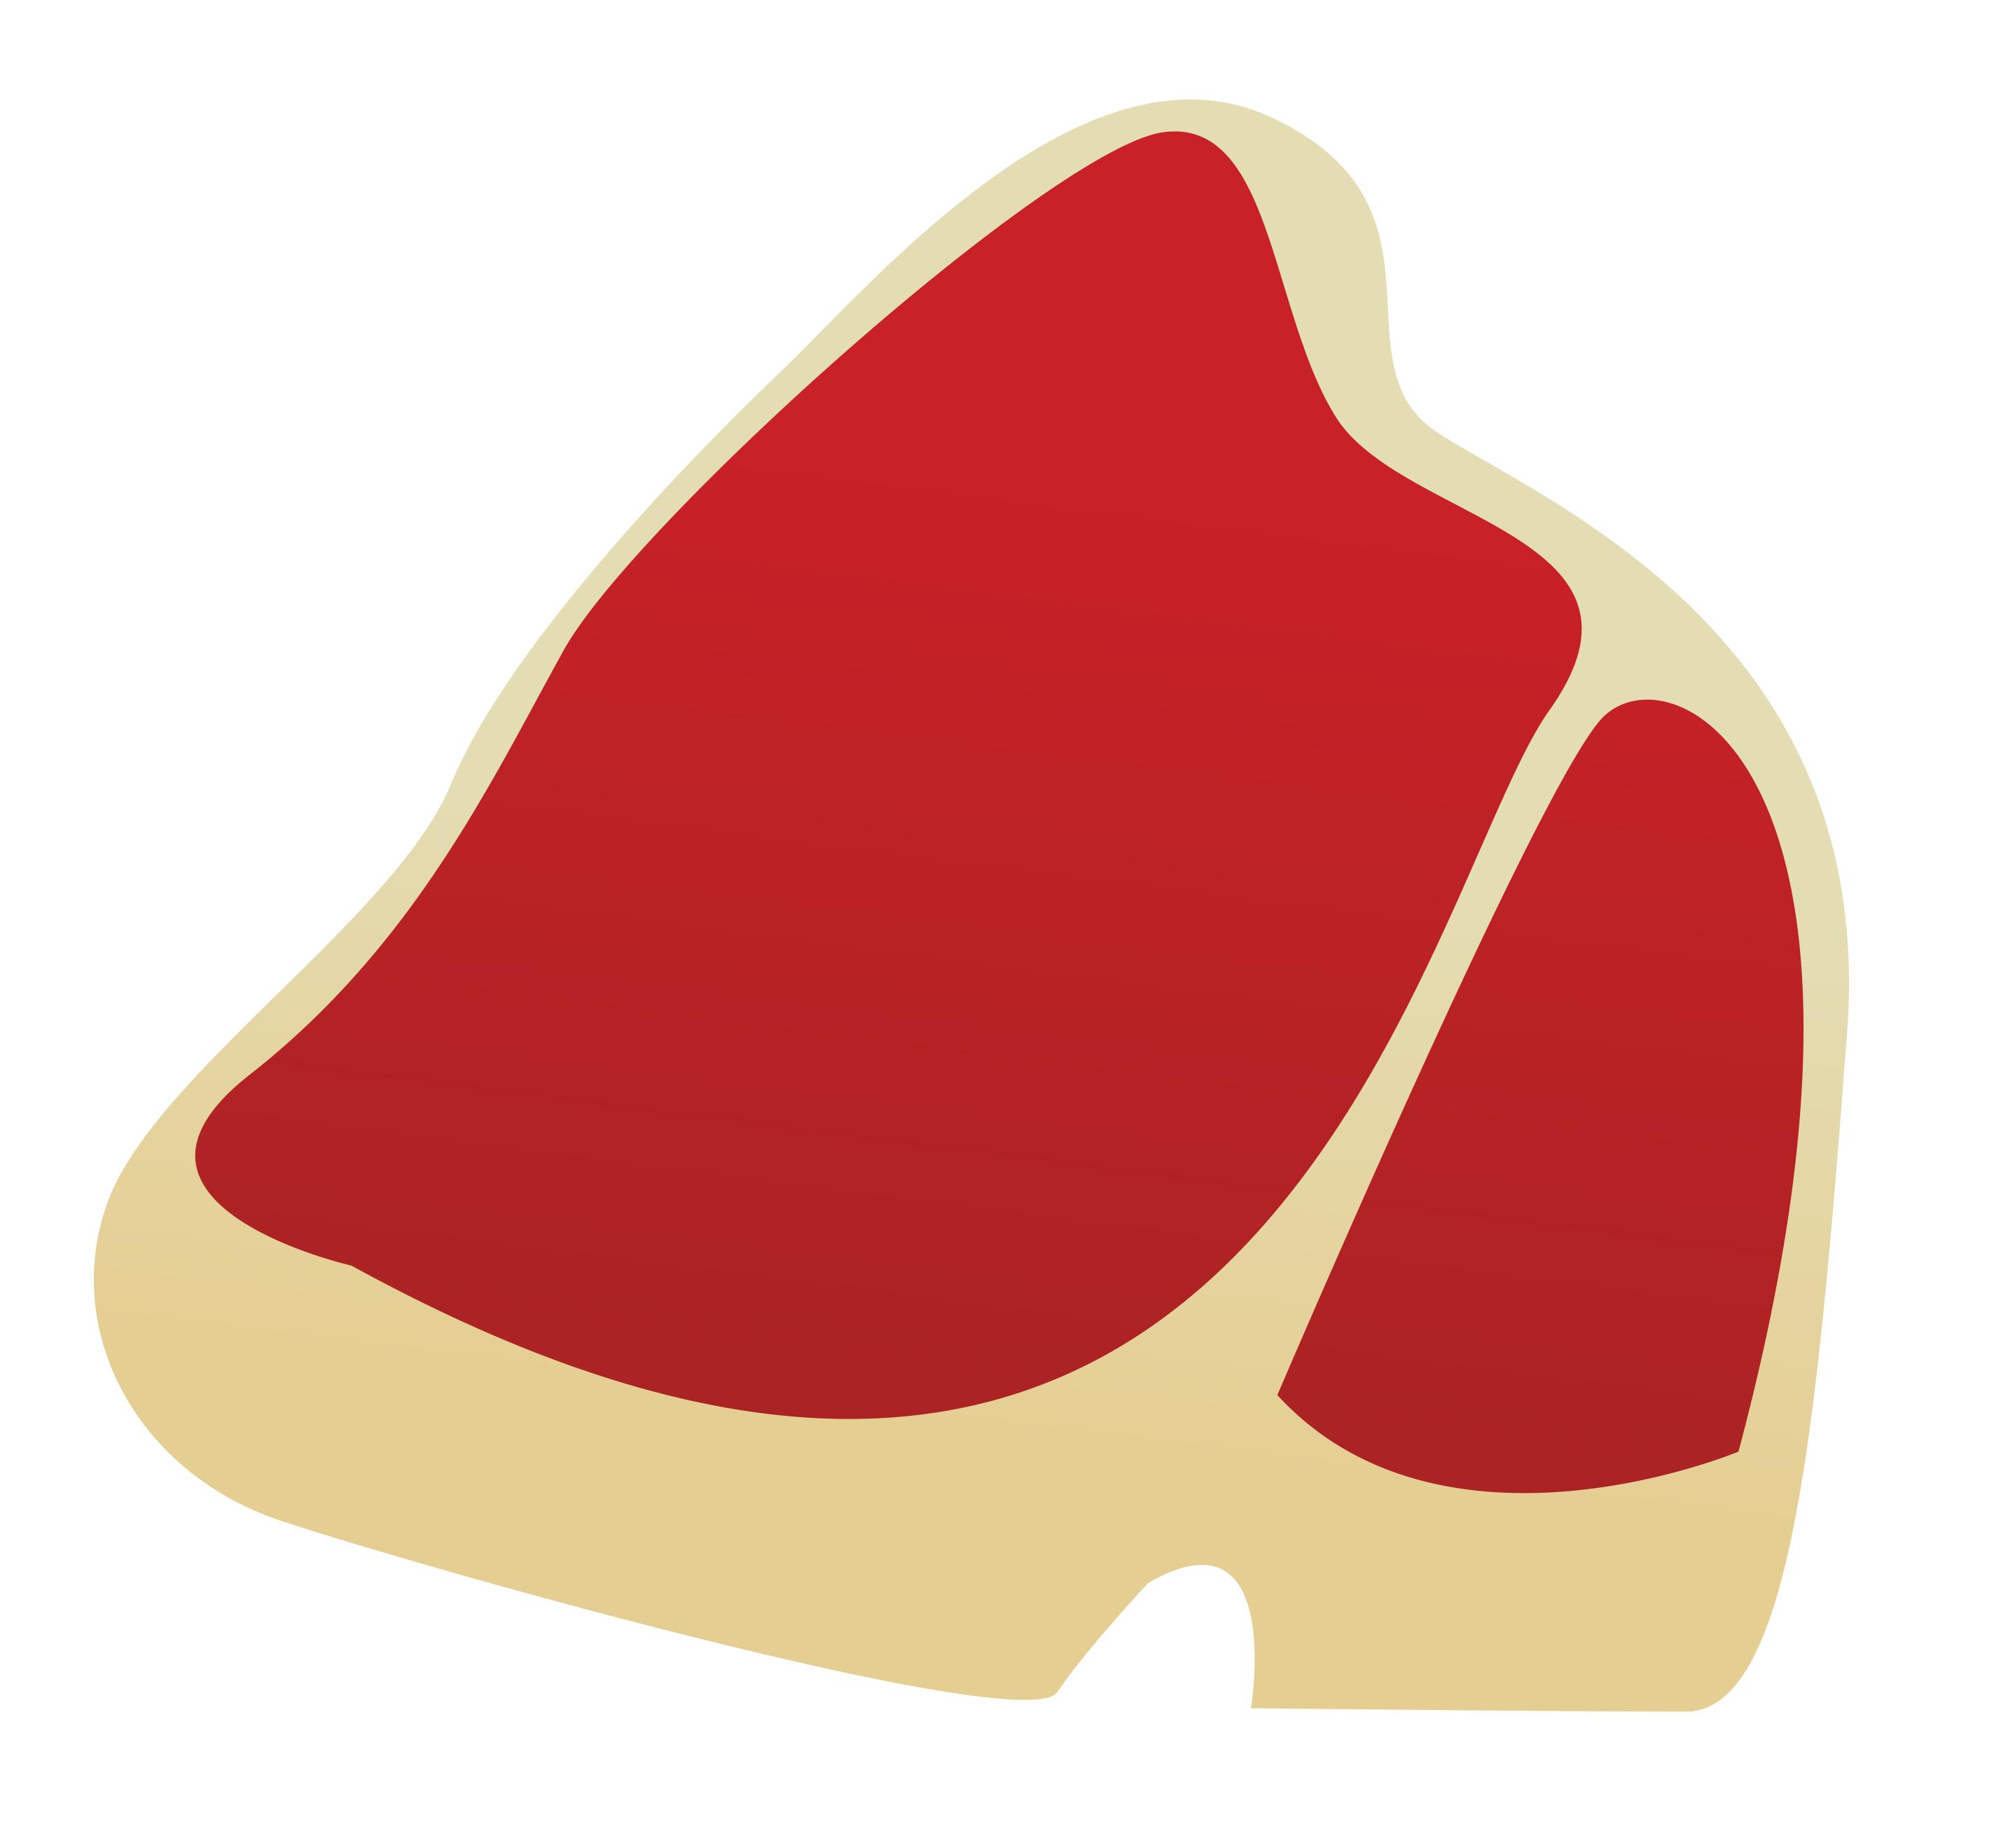 Image grilling steak clip art 3 image